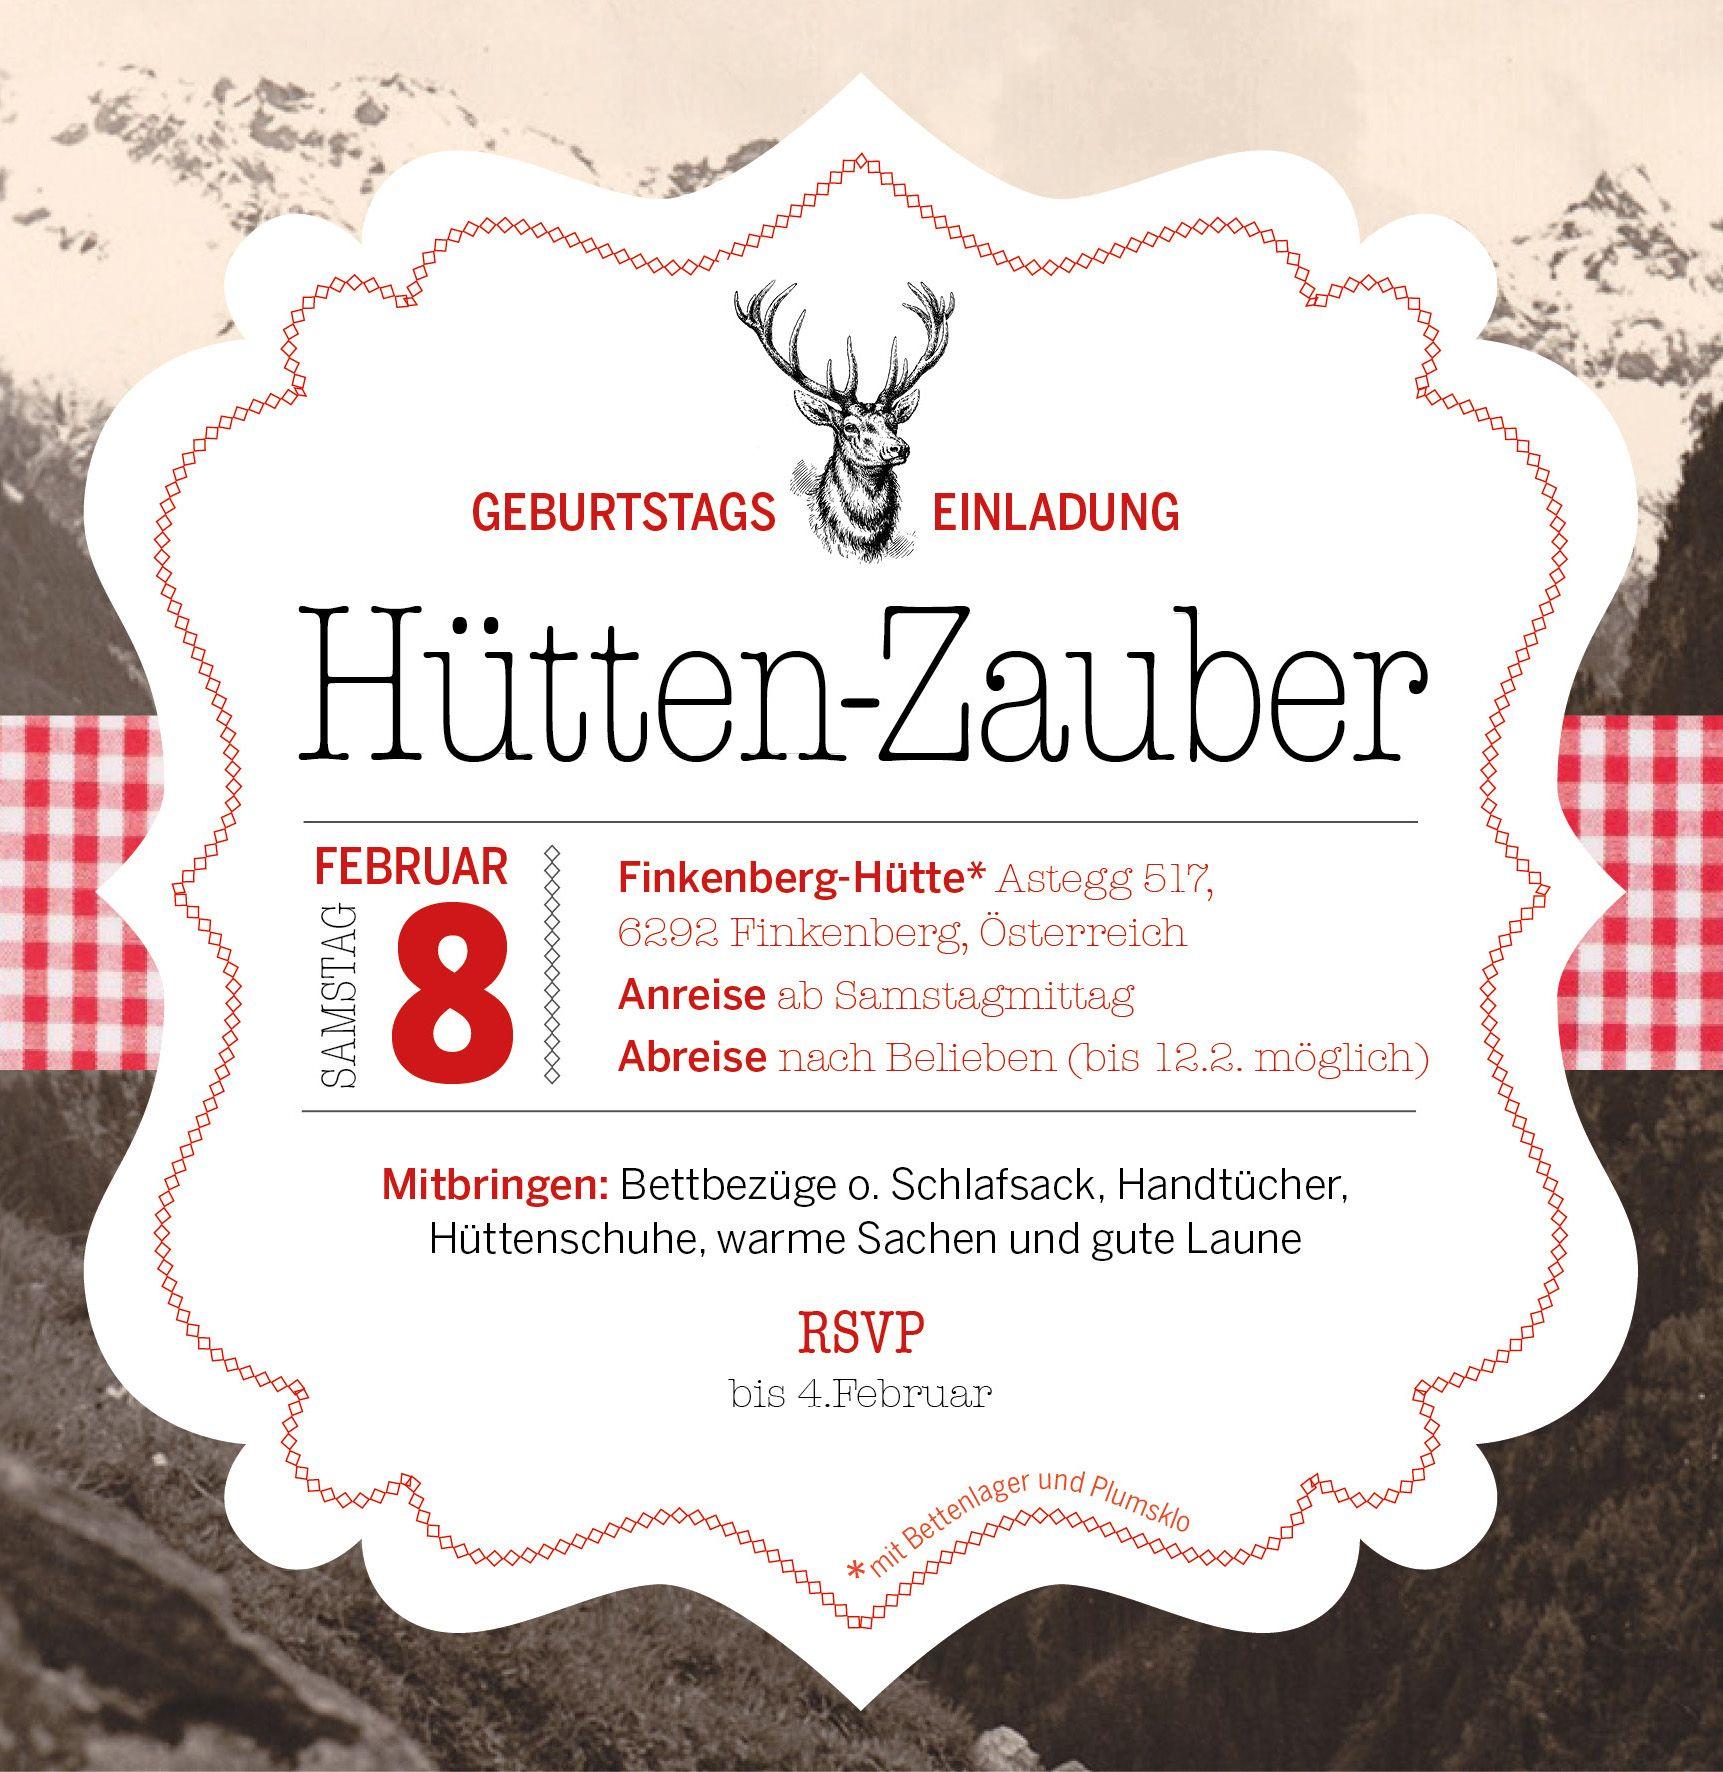 meine Geburtstagseinladung | Bierdeckel | Pinterest ...